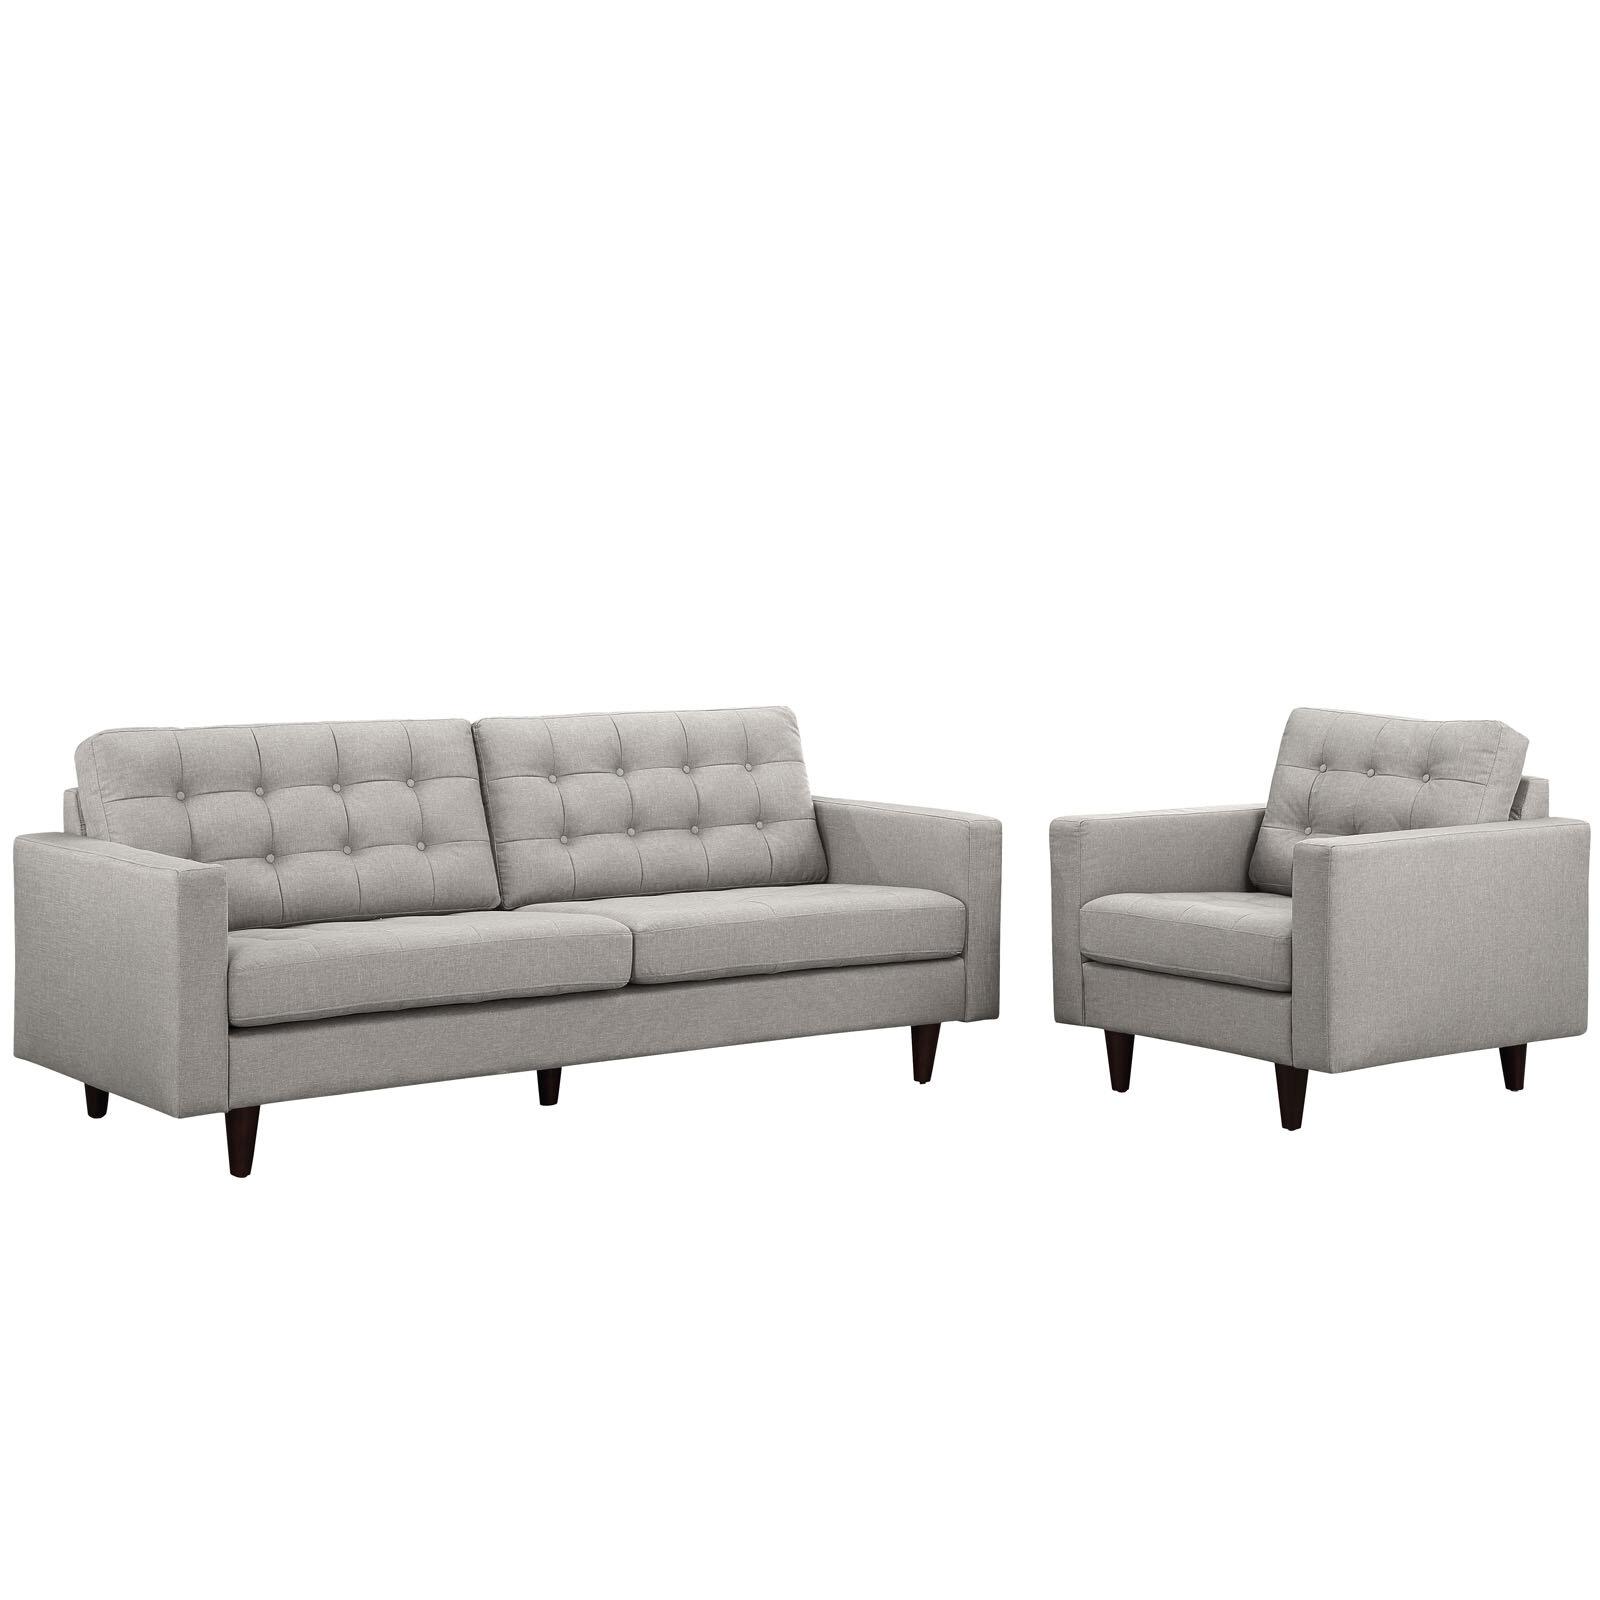 Modway Princess 2 Piece Living Room Set & Reviews